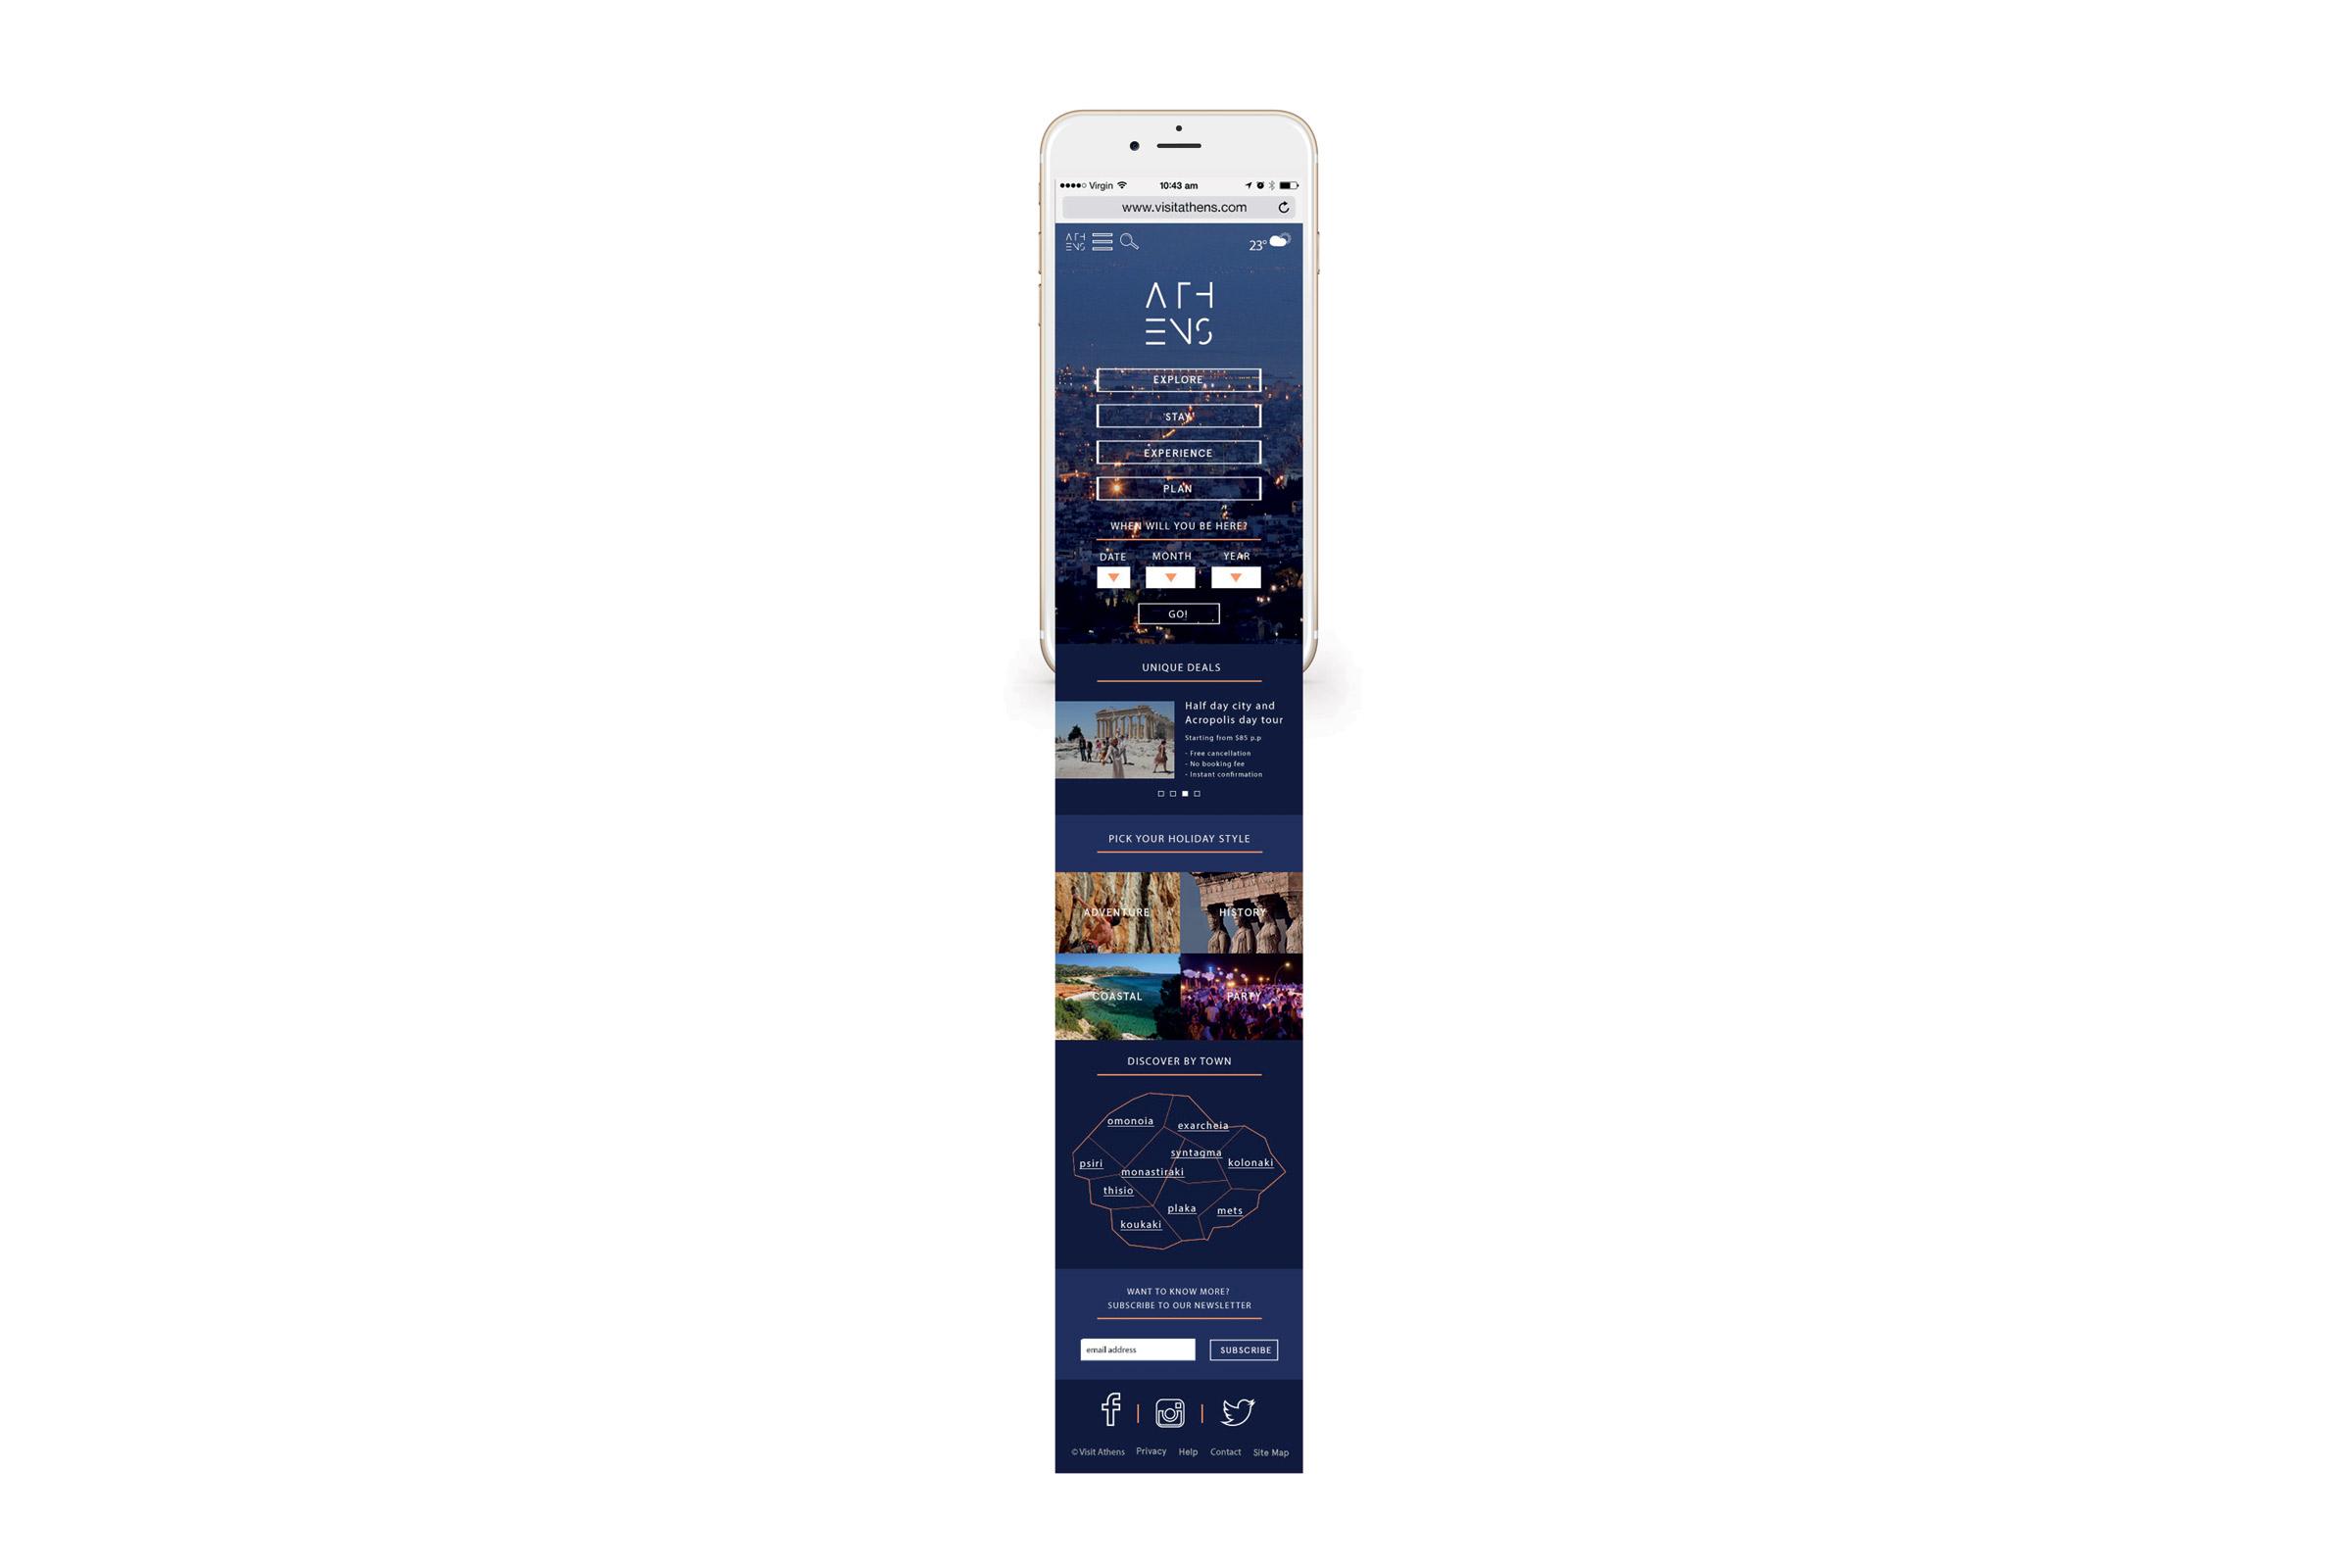 tahmena-lutfi-athens-mobile.jpg